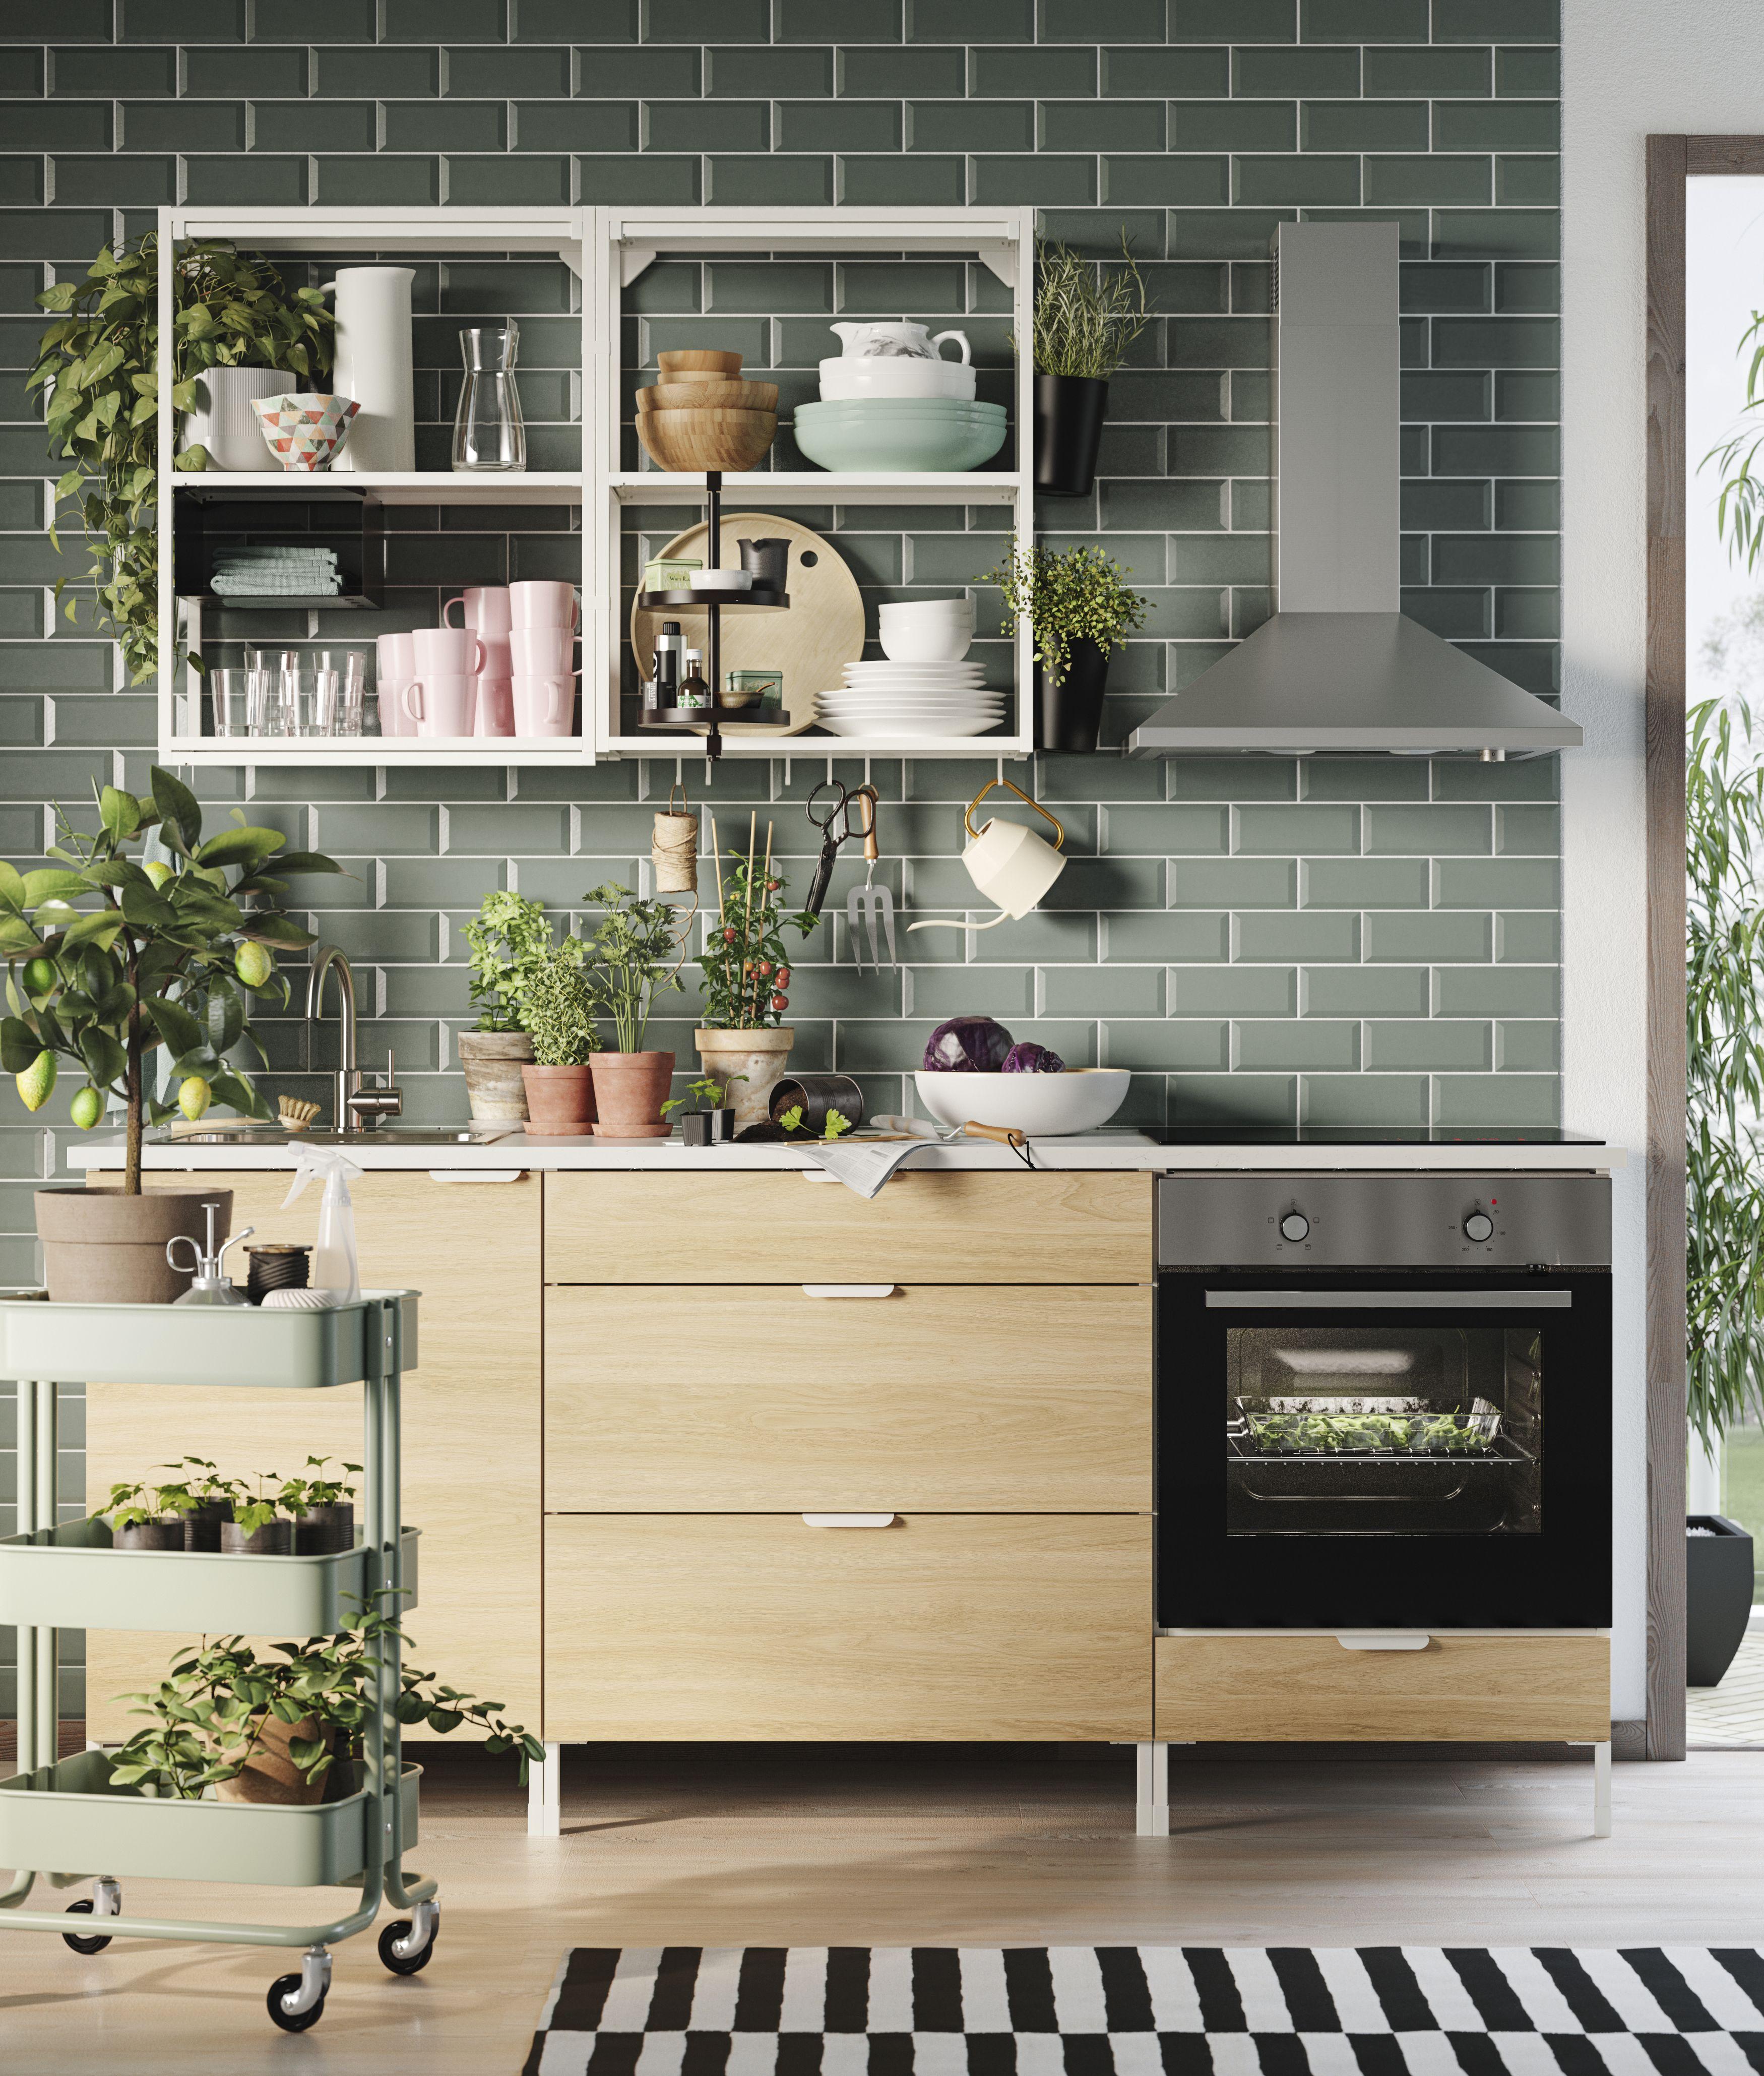 14 Ideeen Over Ikea Keuken S Keuken Ikea Keuken Keuken Idee